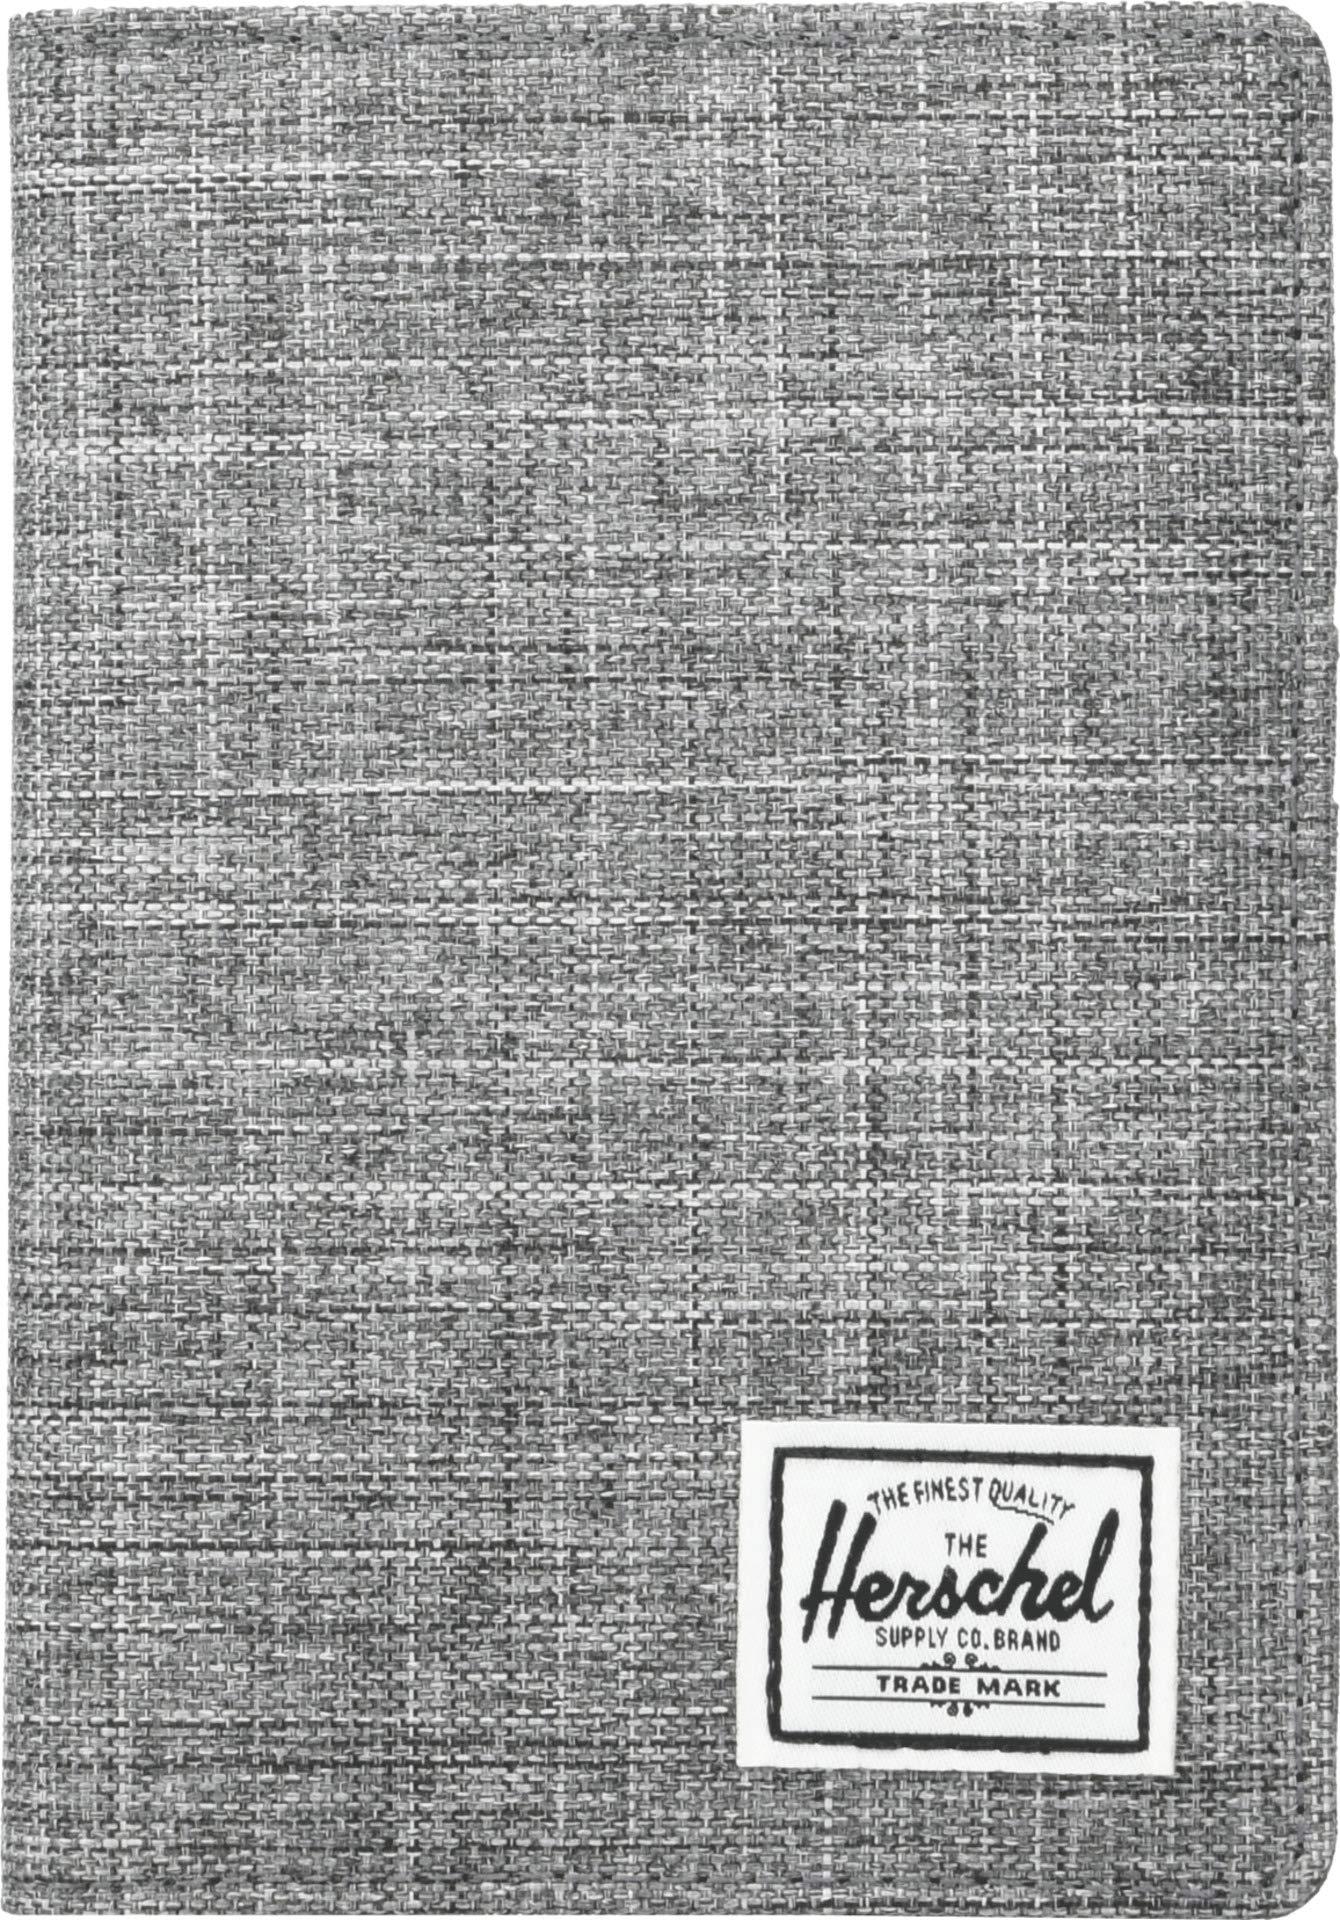 Herschel Men's Raynor RFID Passport Holder, raven crosshatch, One Size by Herschel